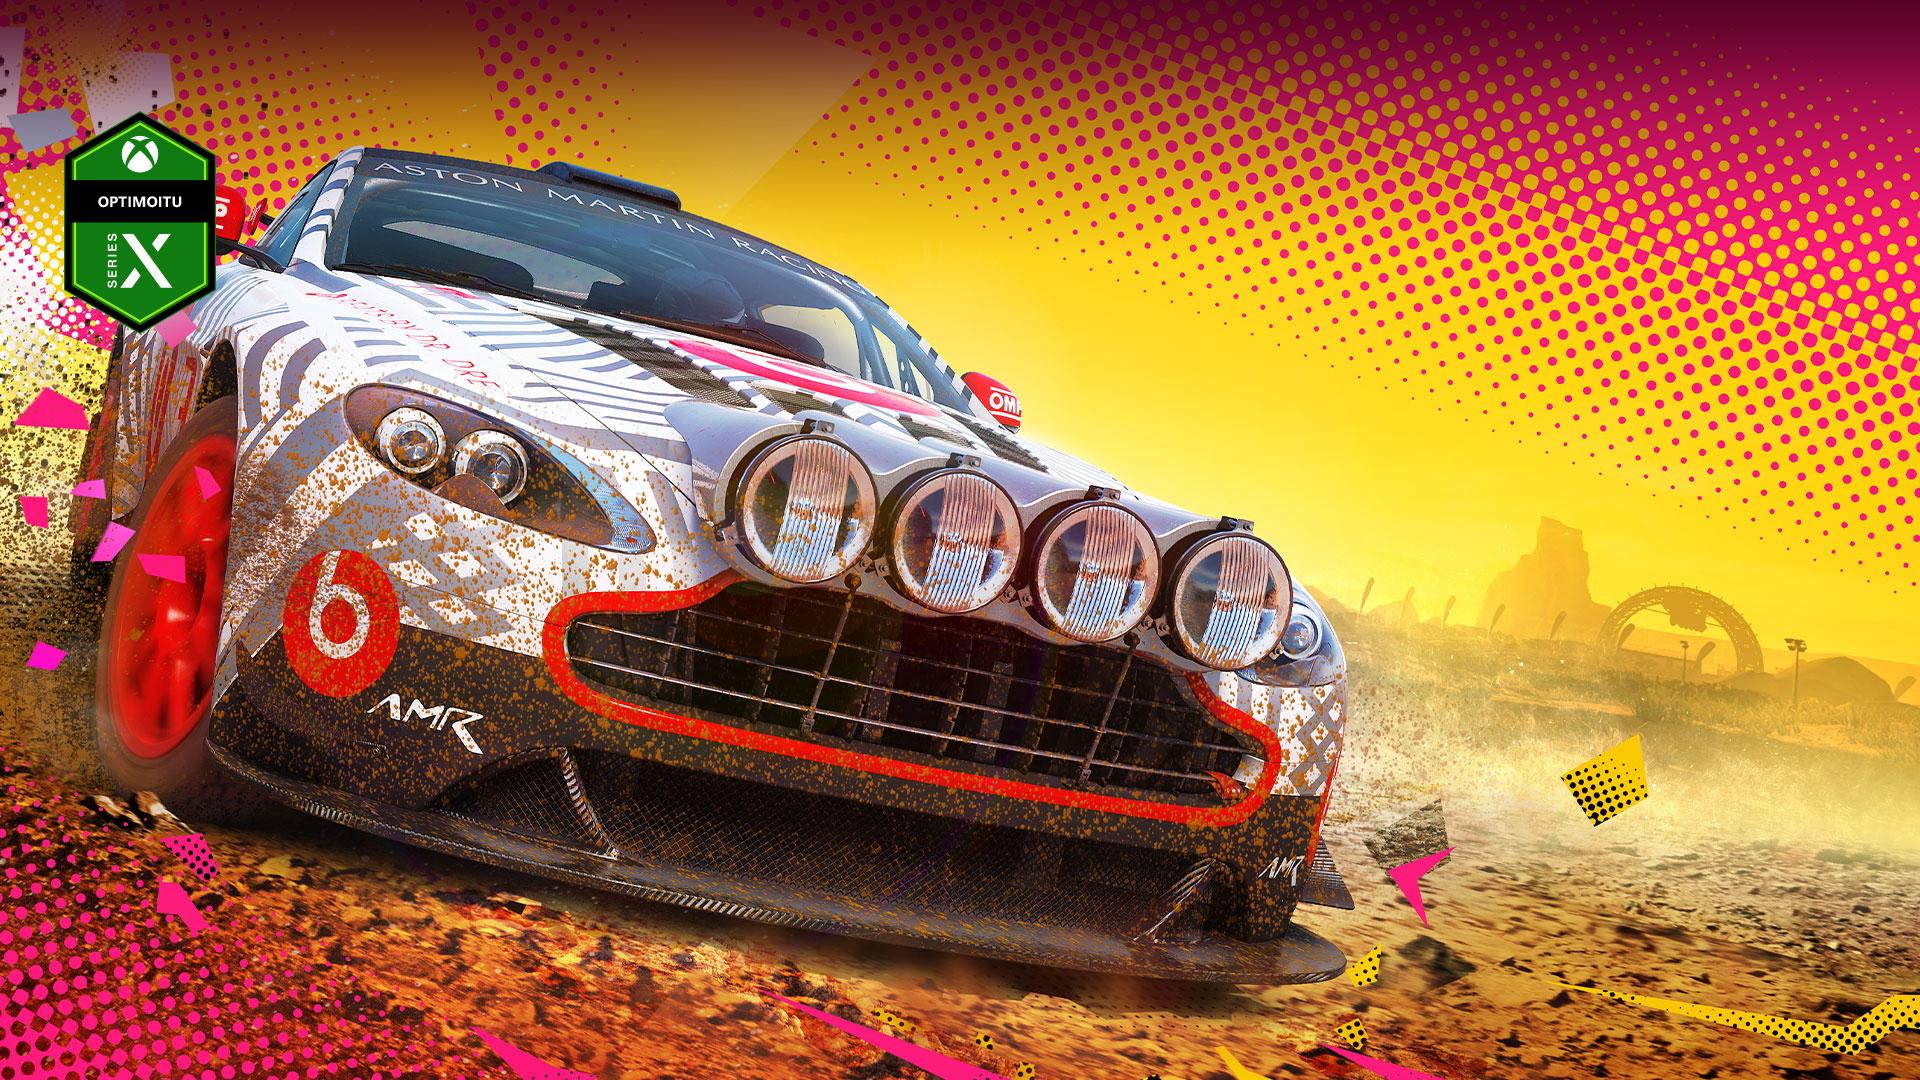 Optimoitu Series X:lle -logo, auto mudassa keltaisella ja vaaleanpunaisella taustalla